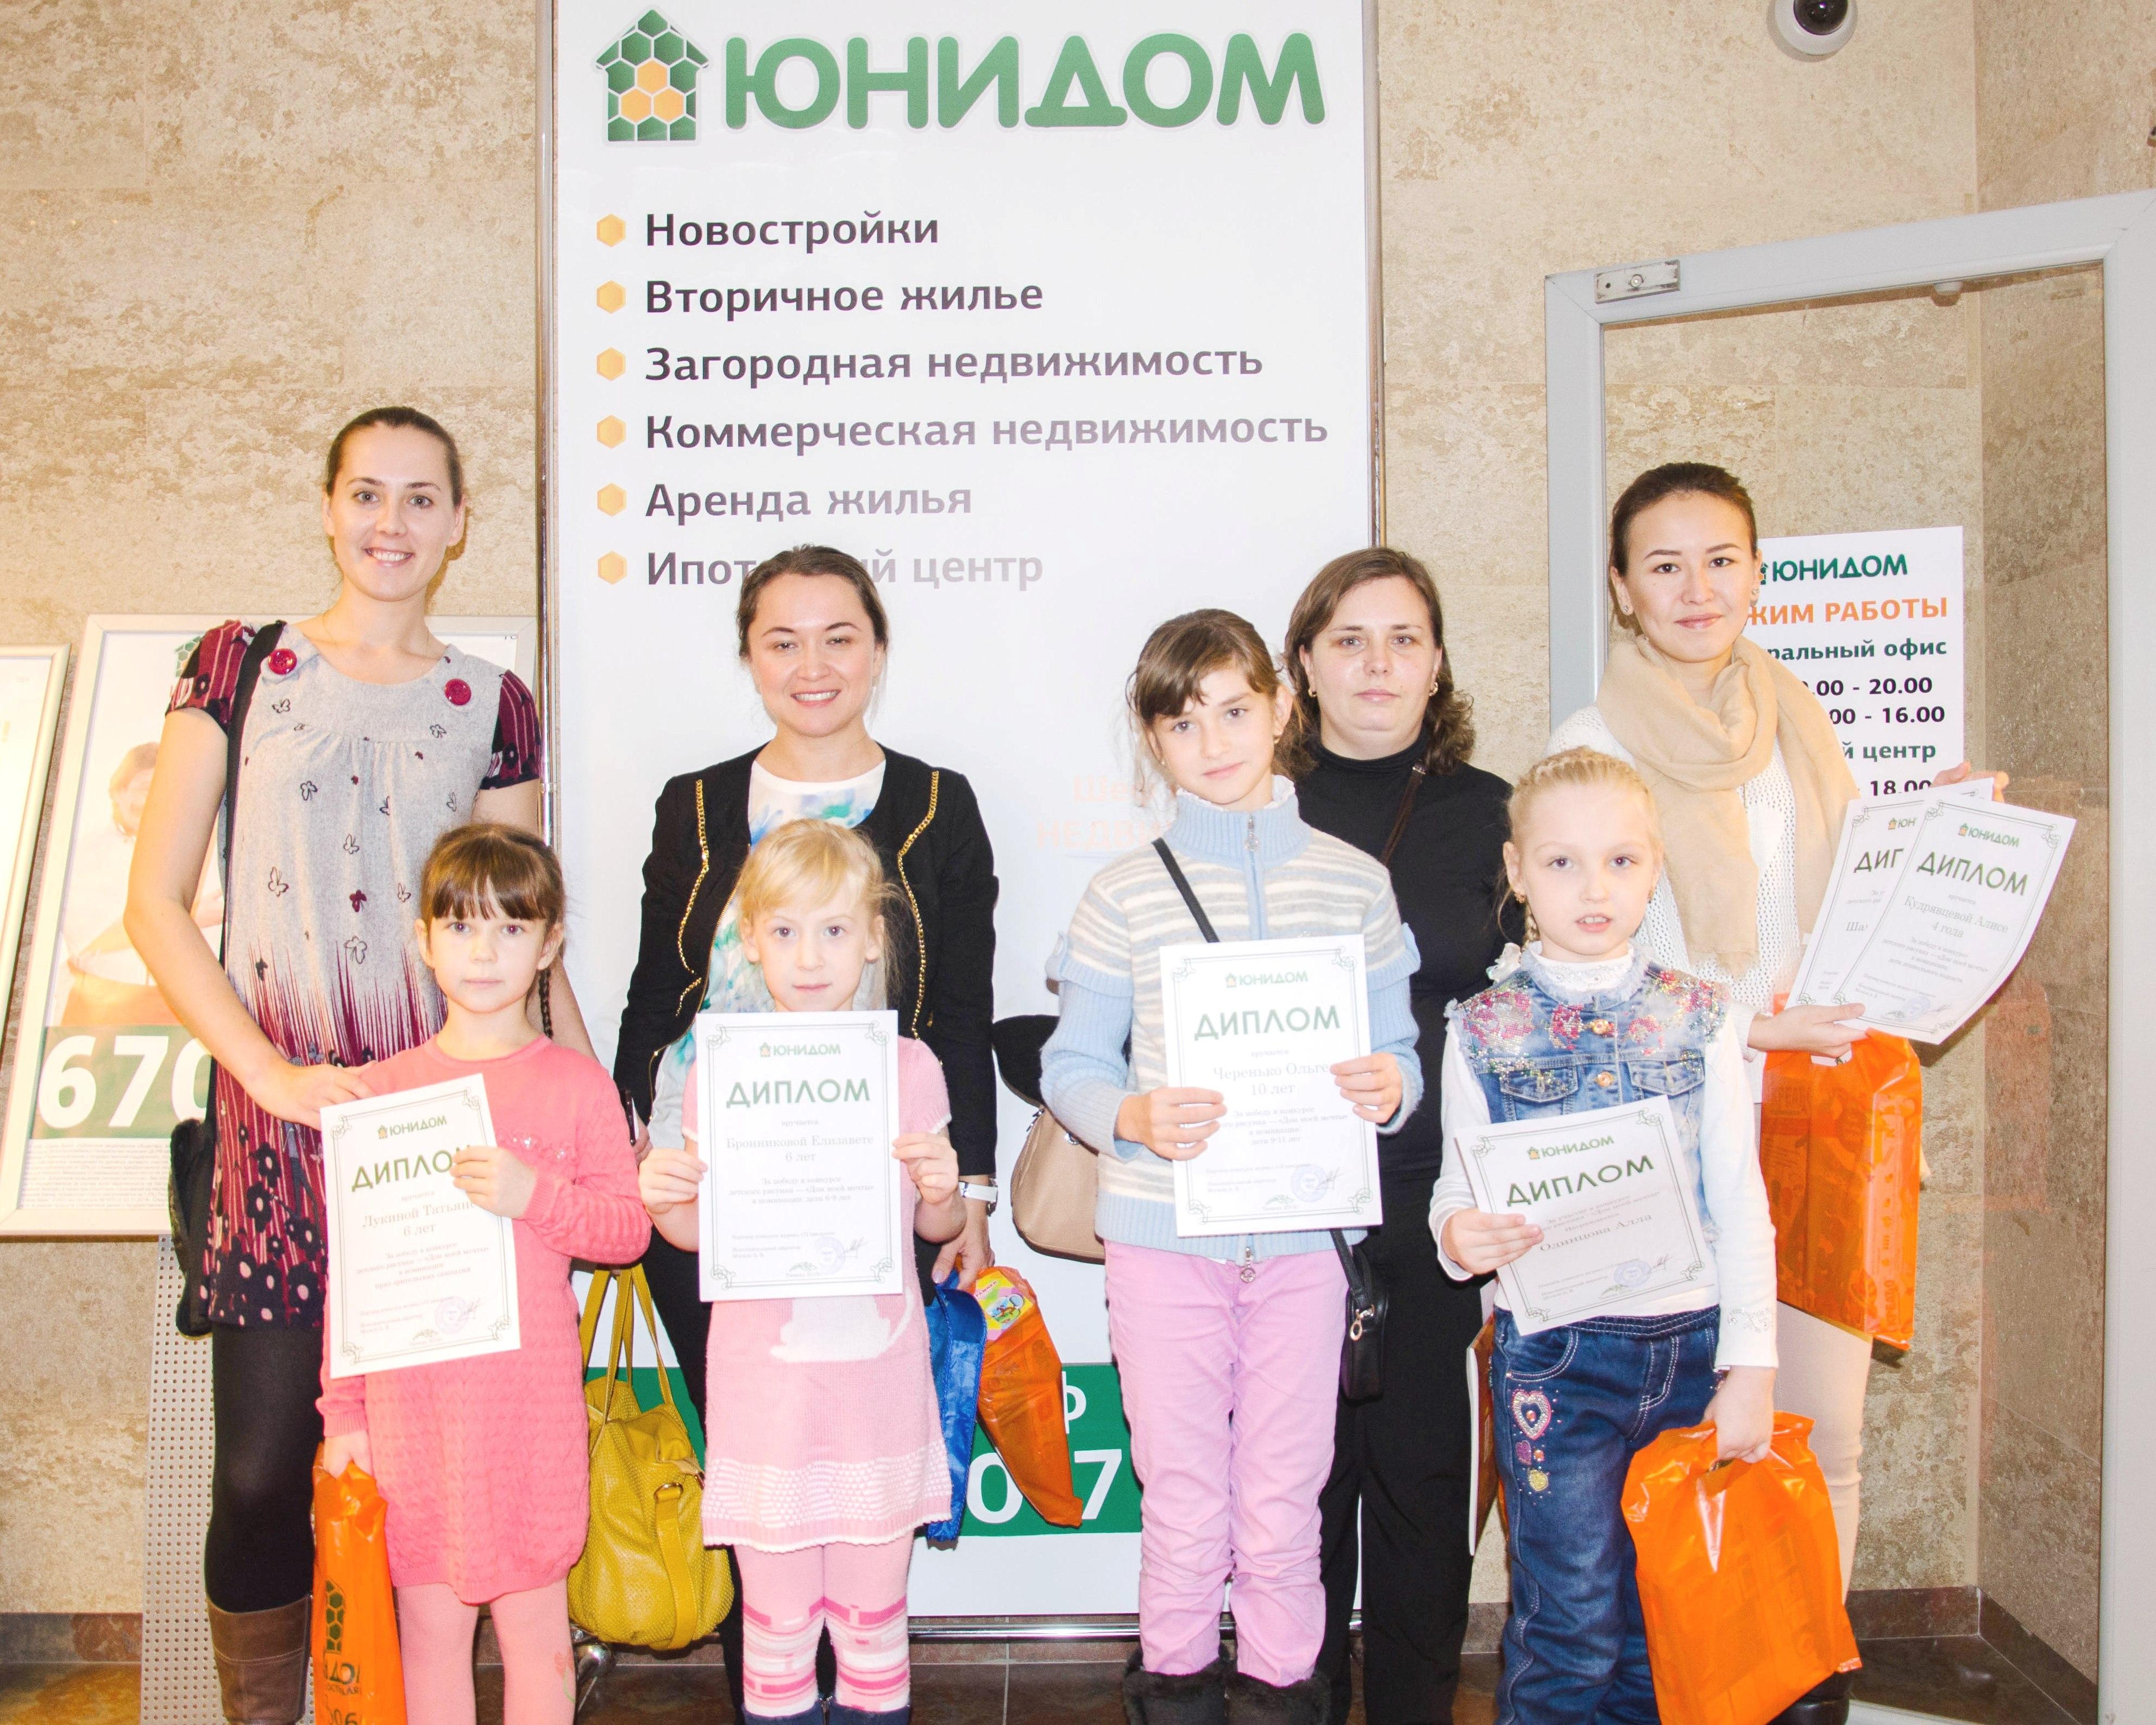 Подарки нашли своих обладателей – победителей конкурса «Дом моей мечты»